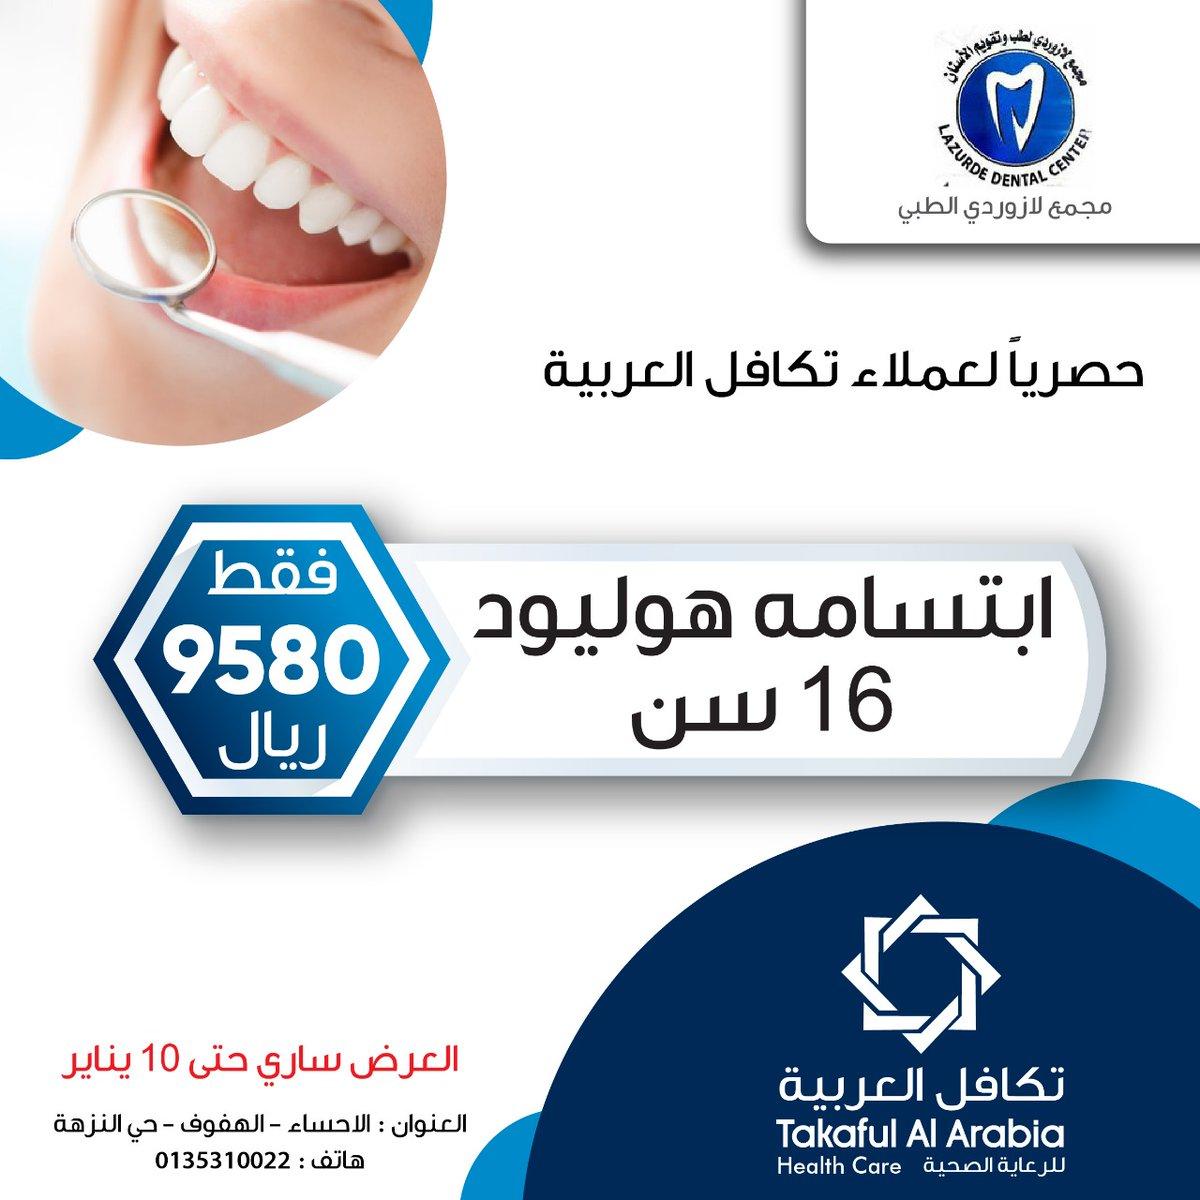 تسويق تكافل العربية Discount Card1 Twitter